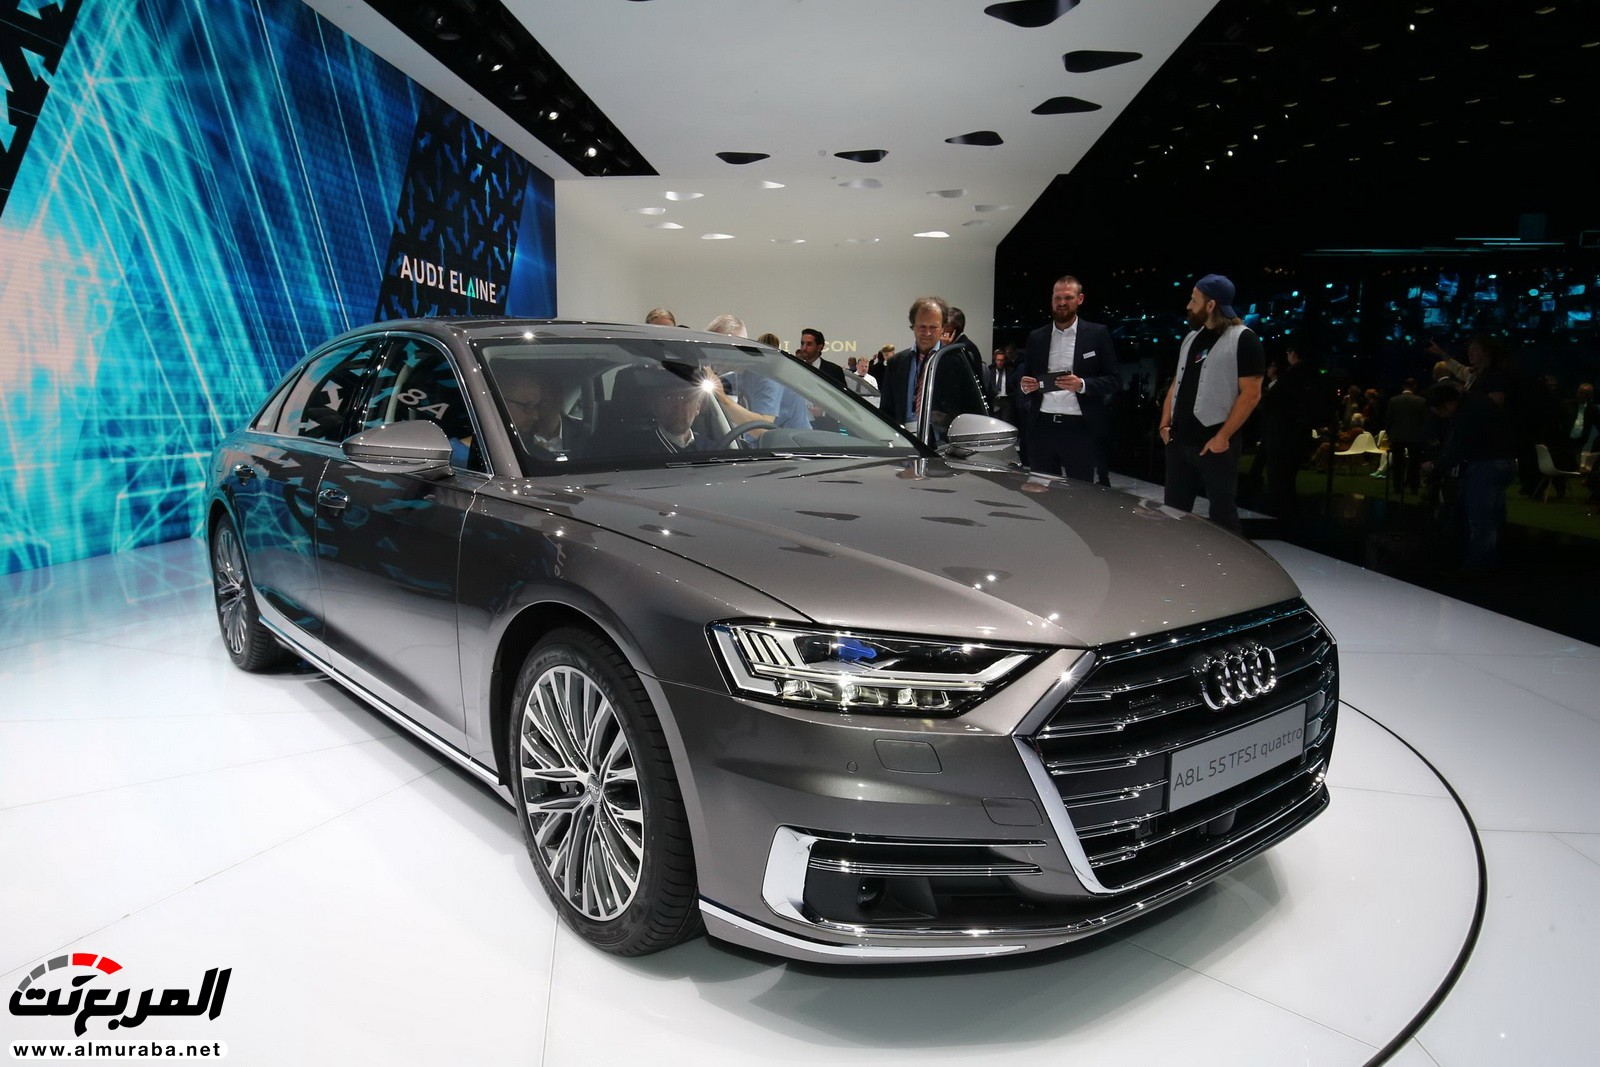 أودي A8 2018 الجديدة تصل إلى الأسواق الأوروبية | المربع نت